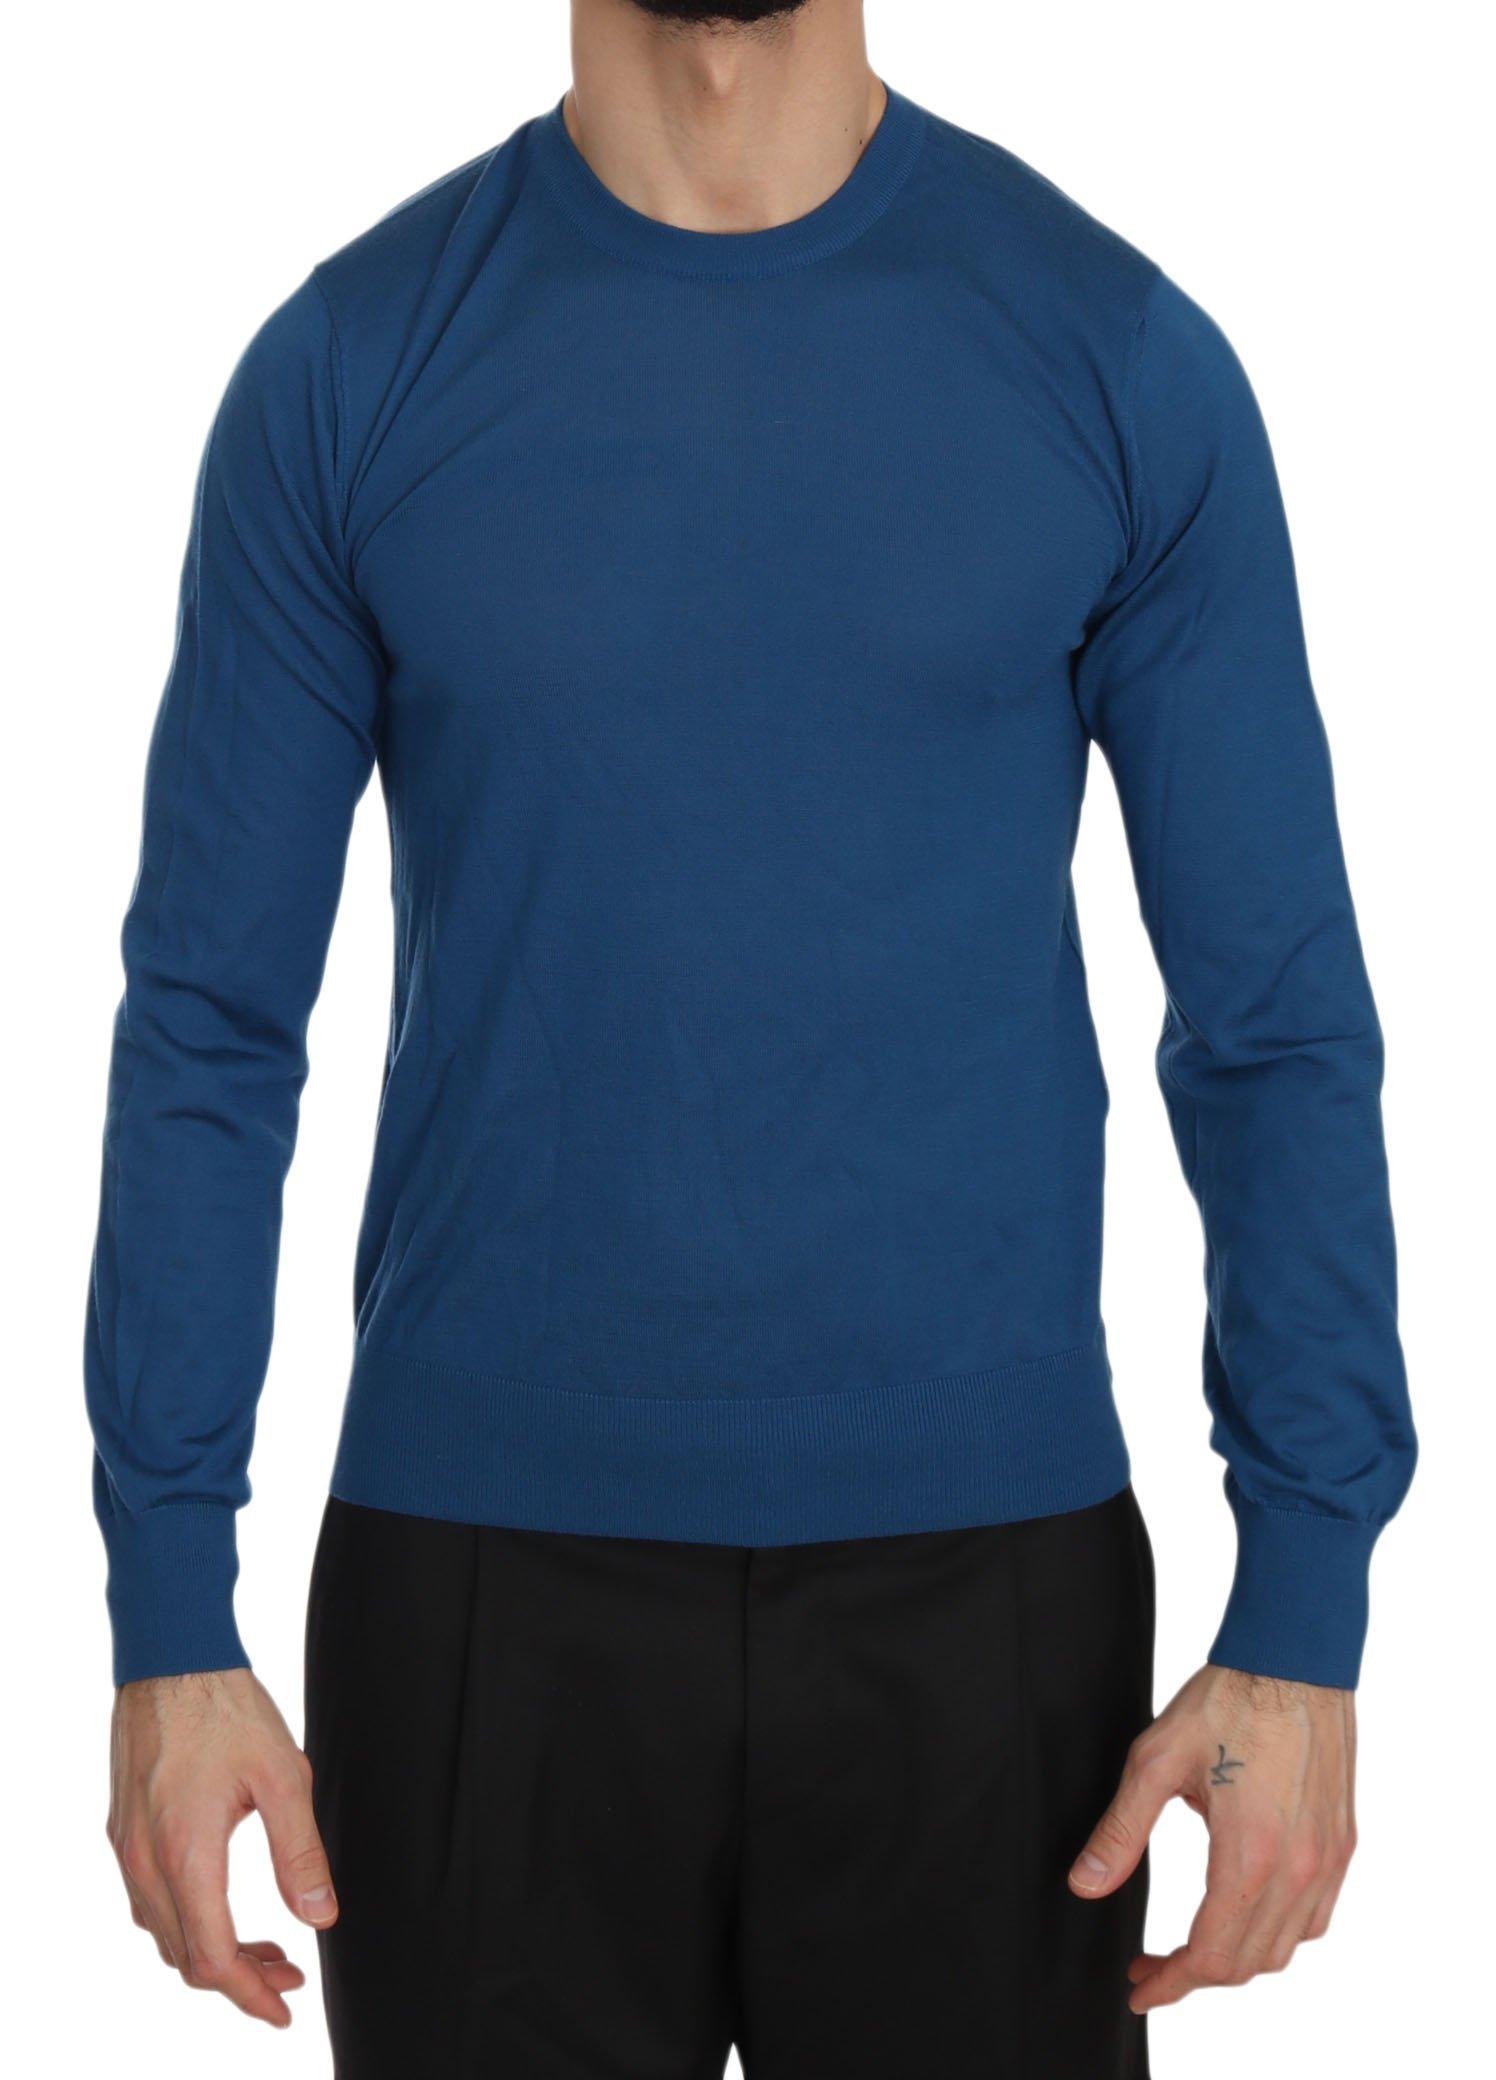 Dolce & Gabbana Men's Sweater Blue TSH3532 - IT44   XS